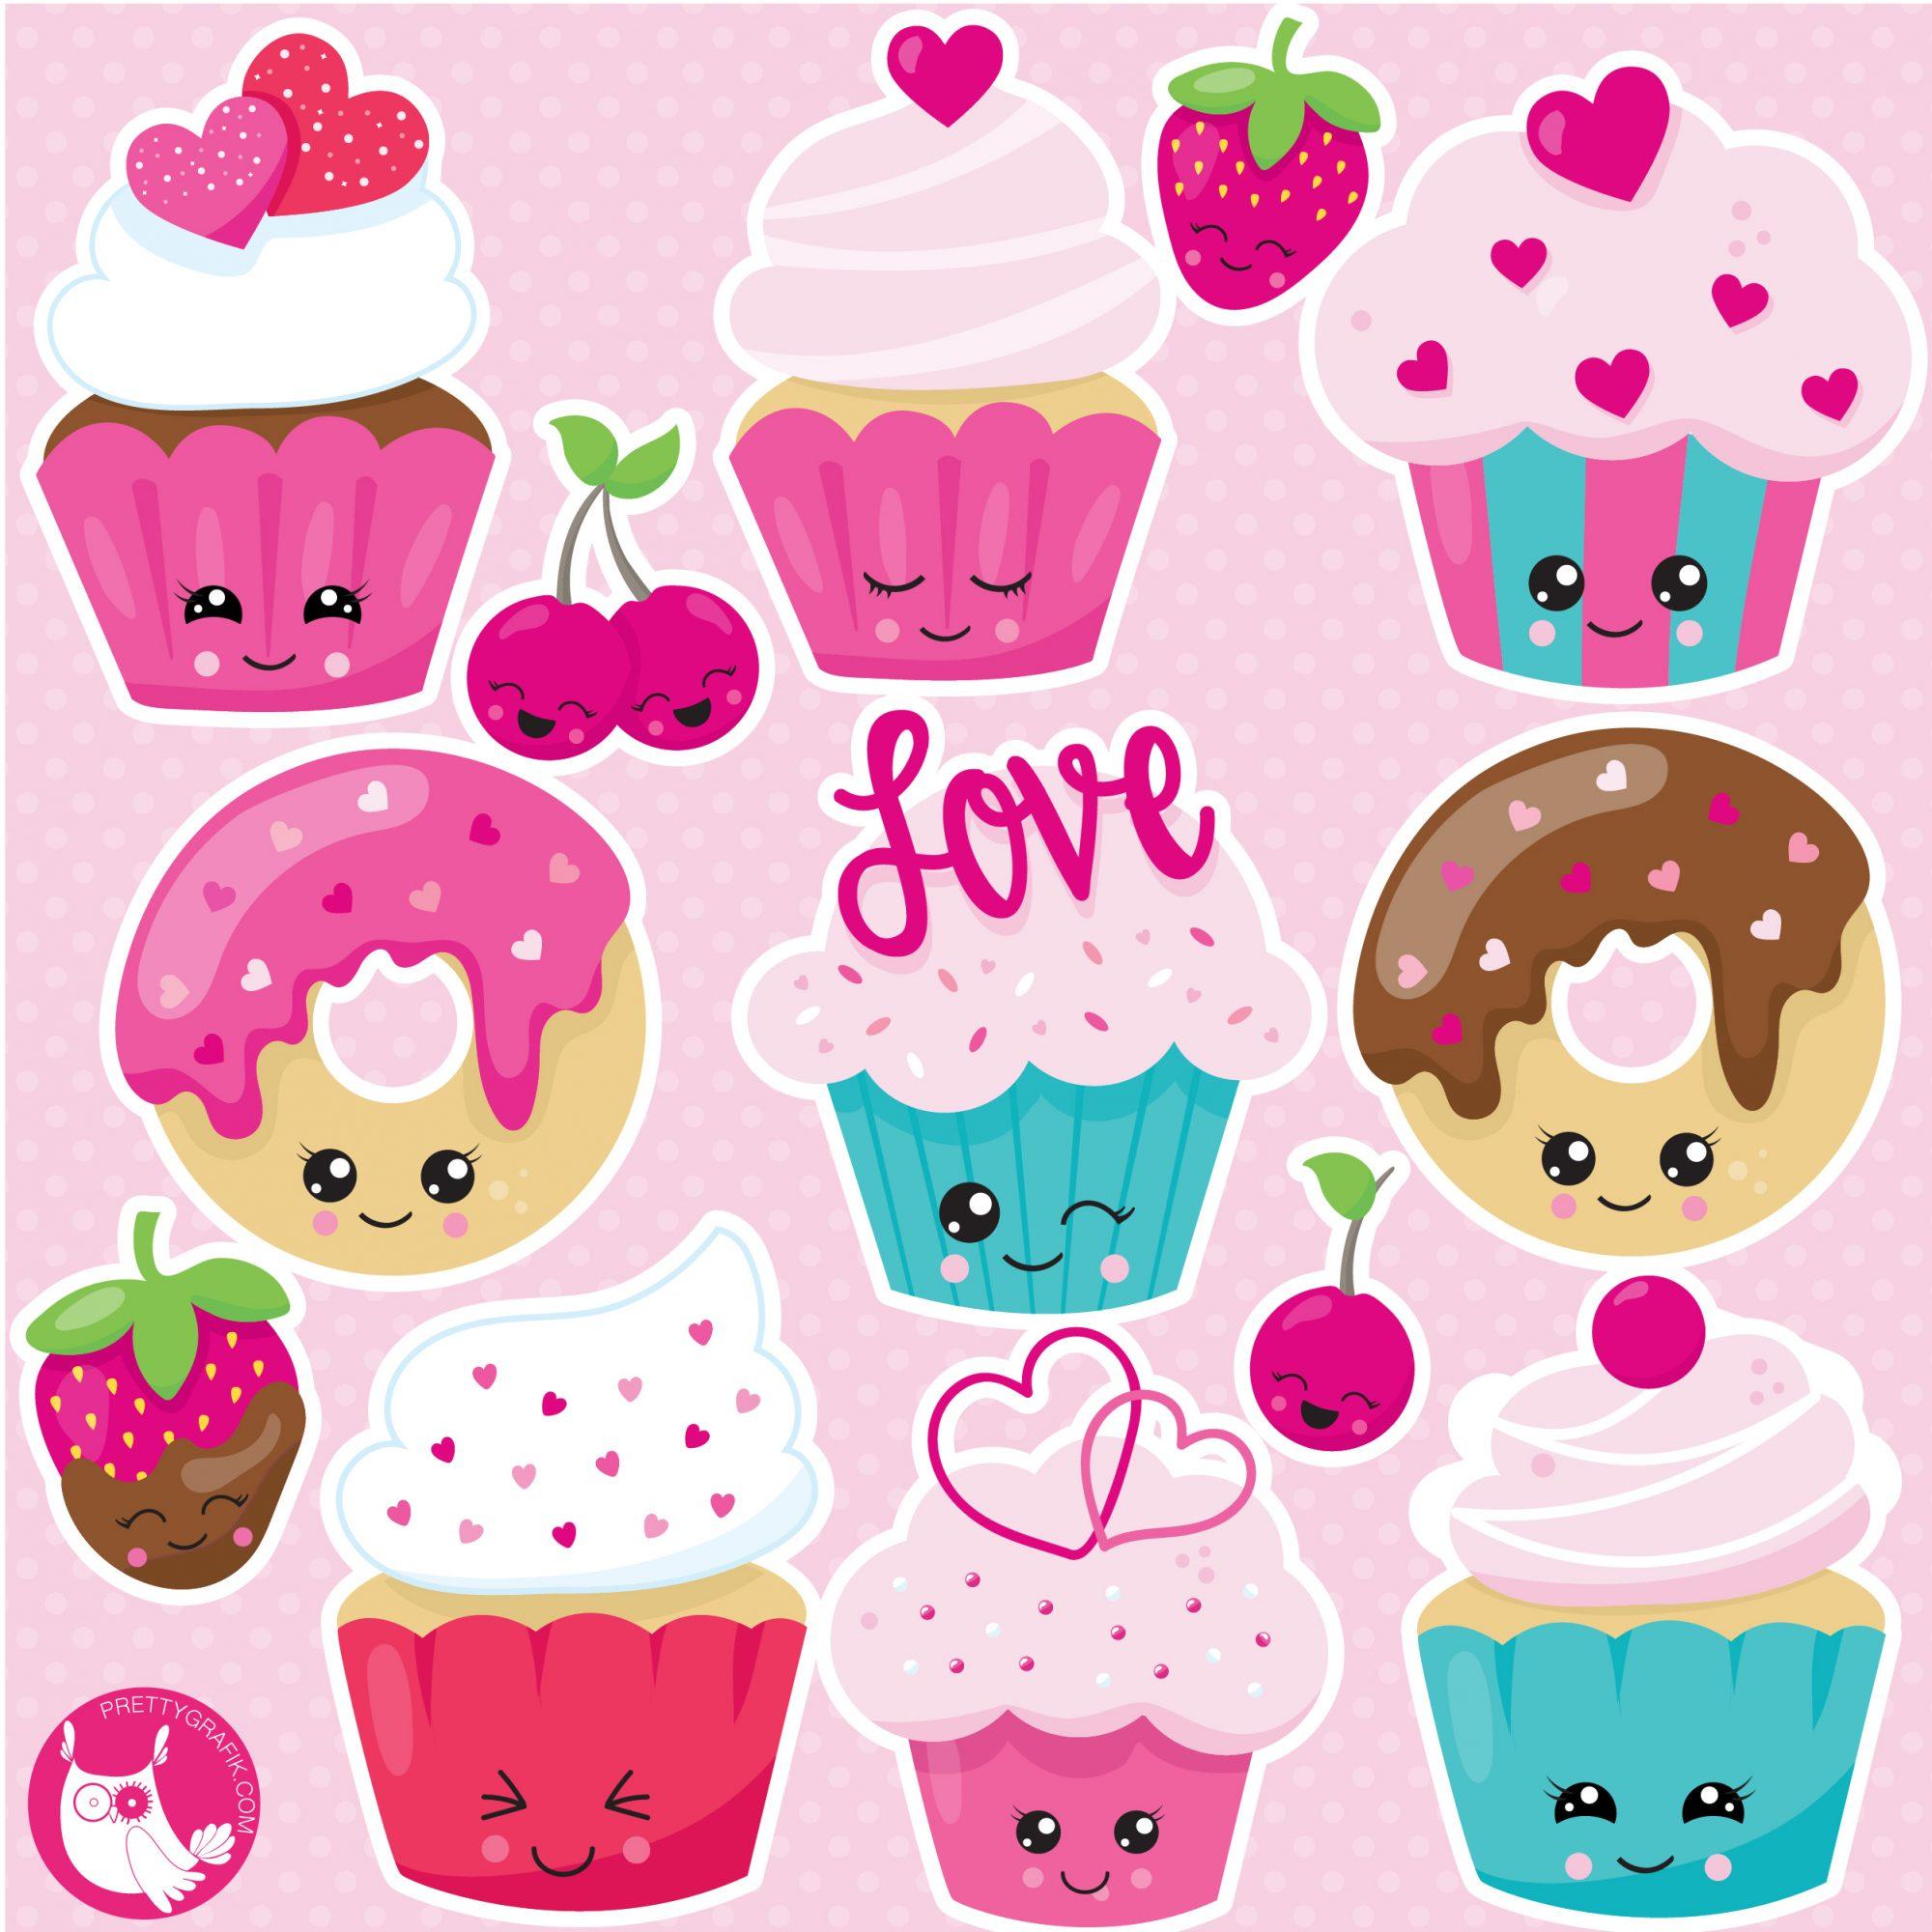 Kawaii clipart svg transparent stock Kawaii cupcake clipart svg transparent stock